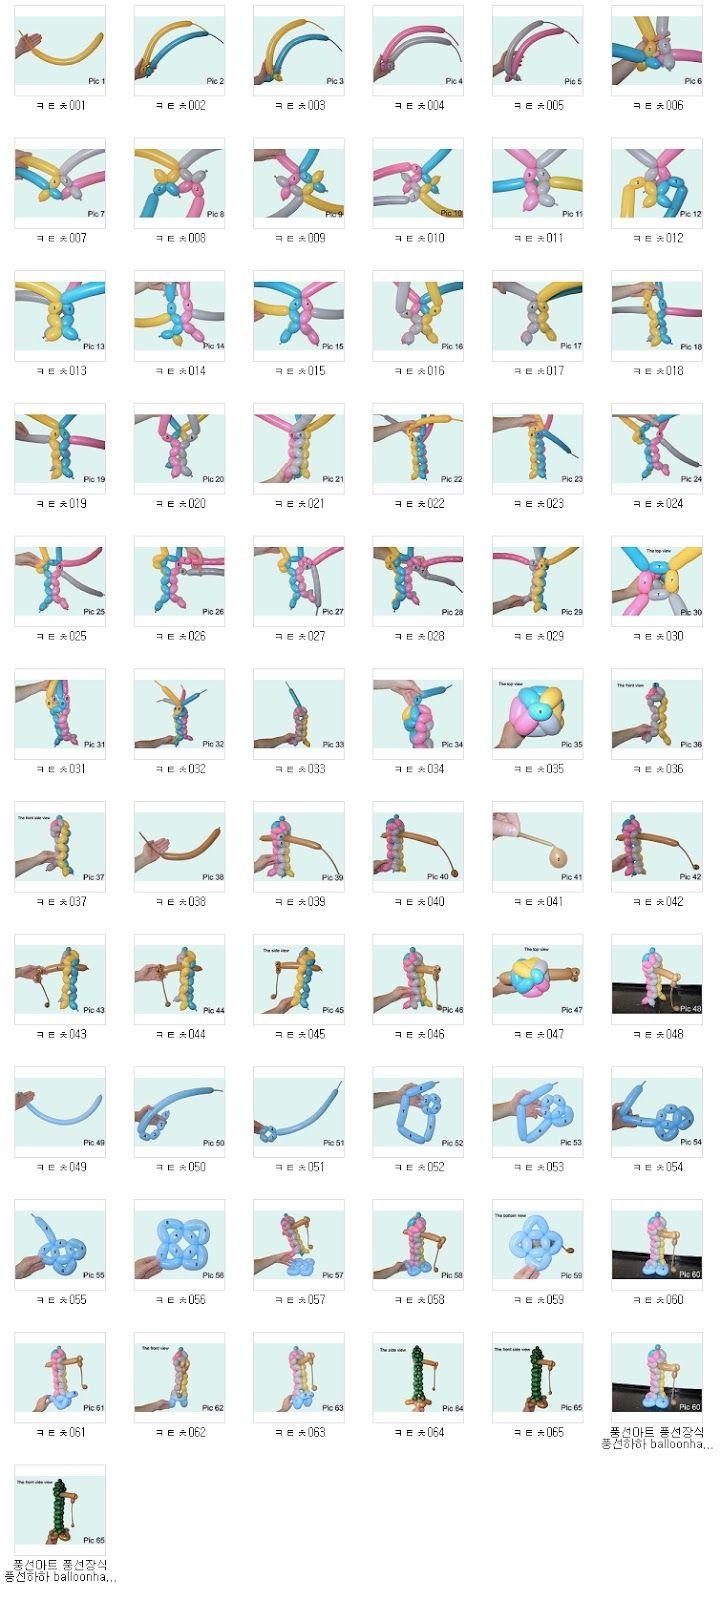 풍선하하 balloonhaha ㅡ 원본 사진 ㅡ 큰 사진은 이메일로 보내드립니다 ㅡ : 교육용 146 크레인